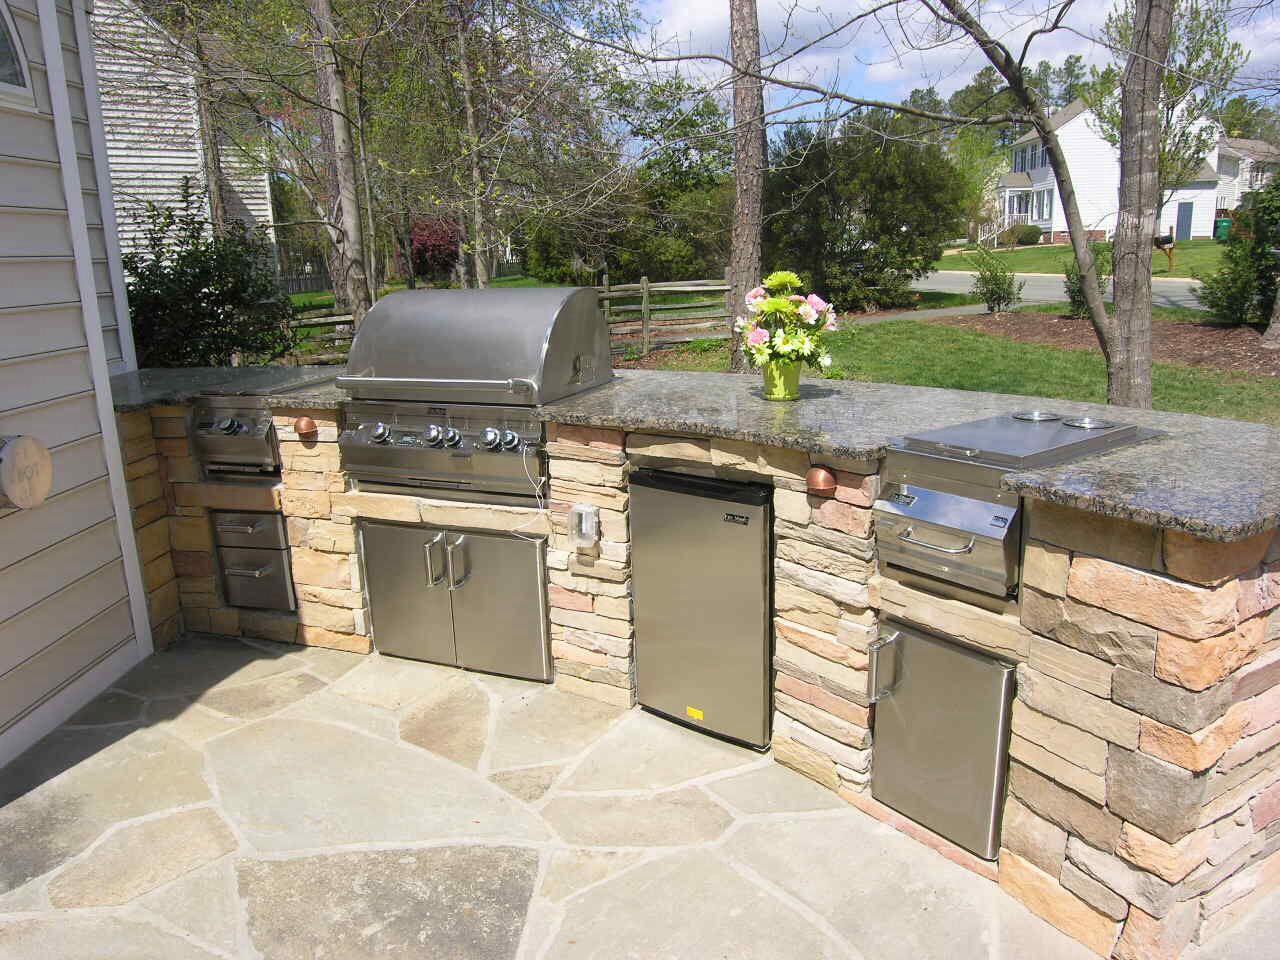 Pin von Ryan Sheckter auf Outdoor kitchen | Pinterest | Sommerküche ...